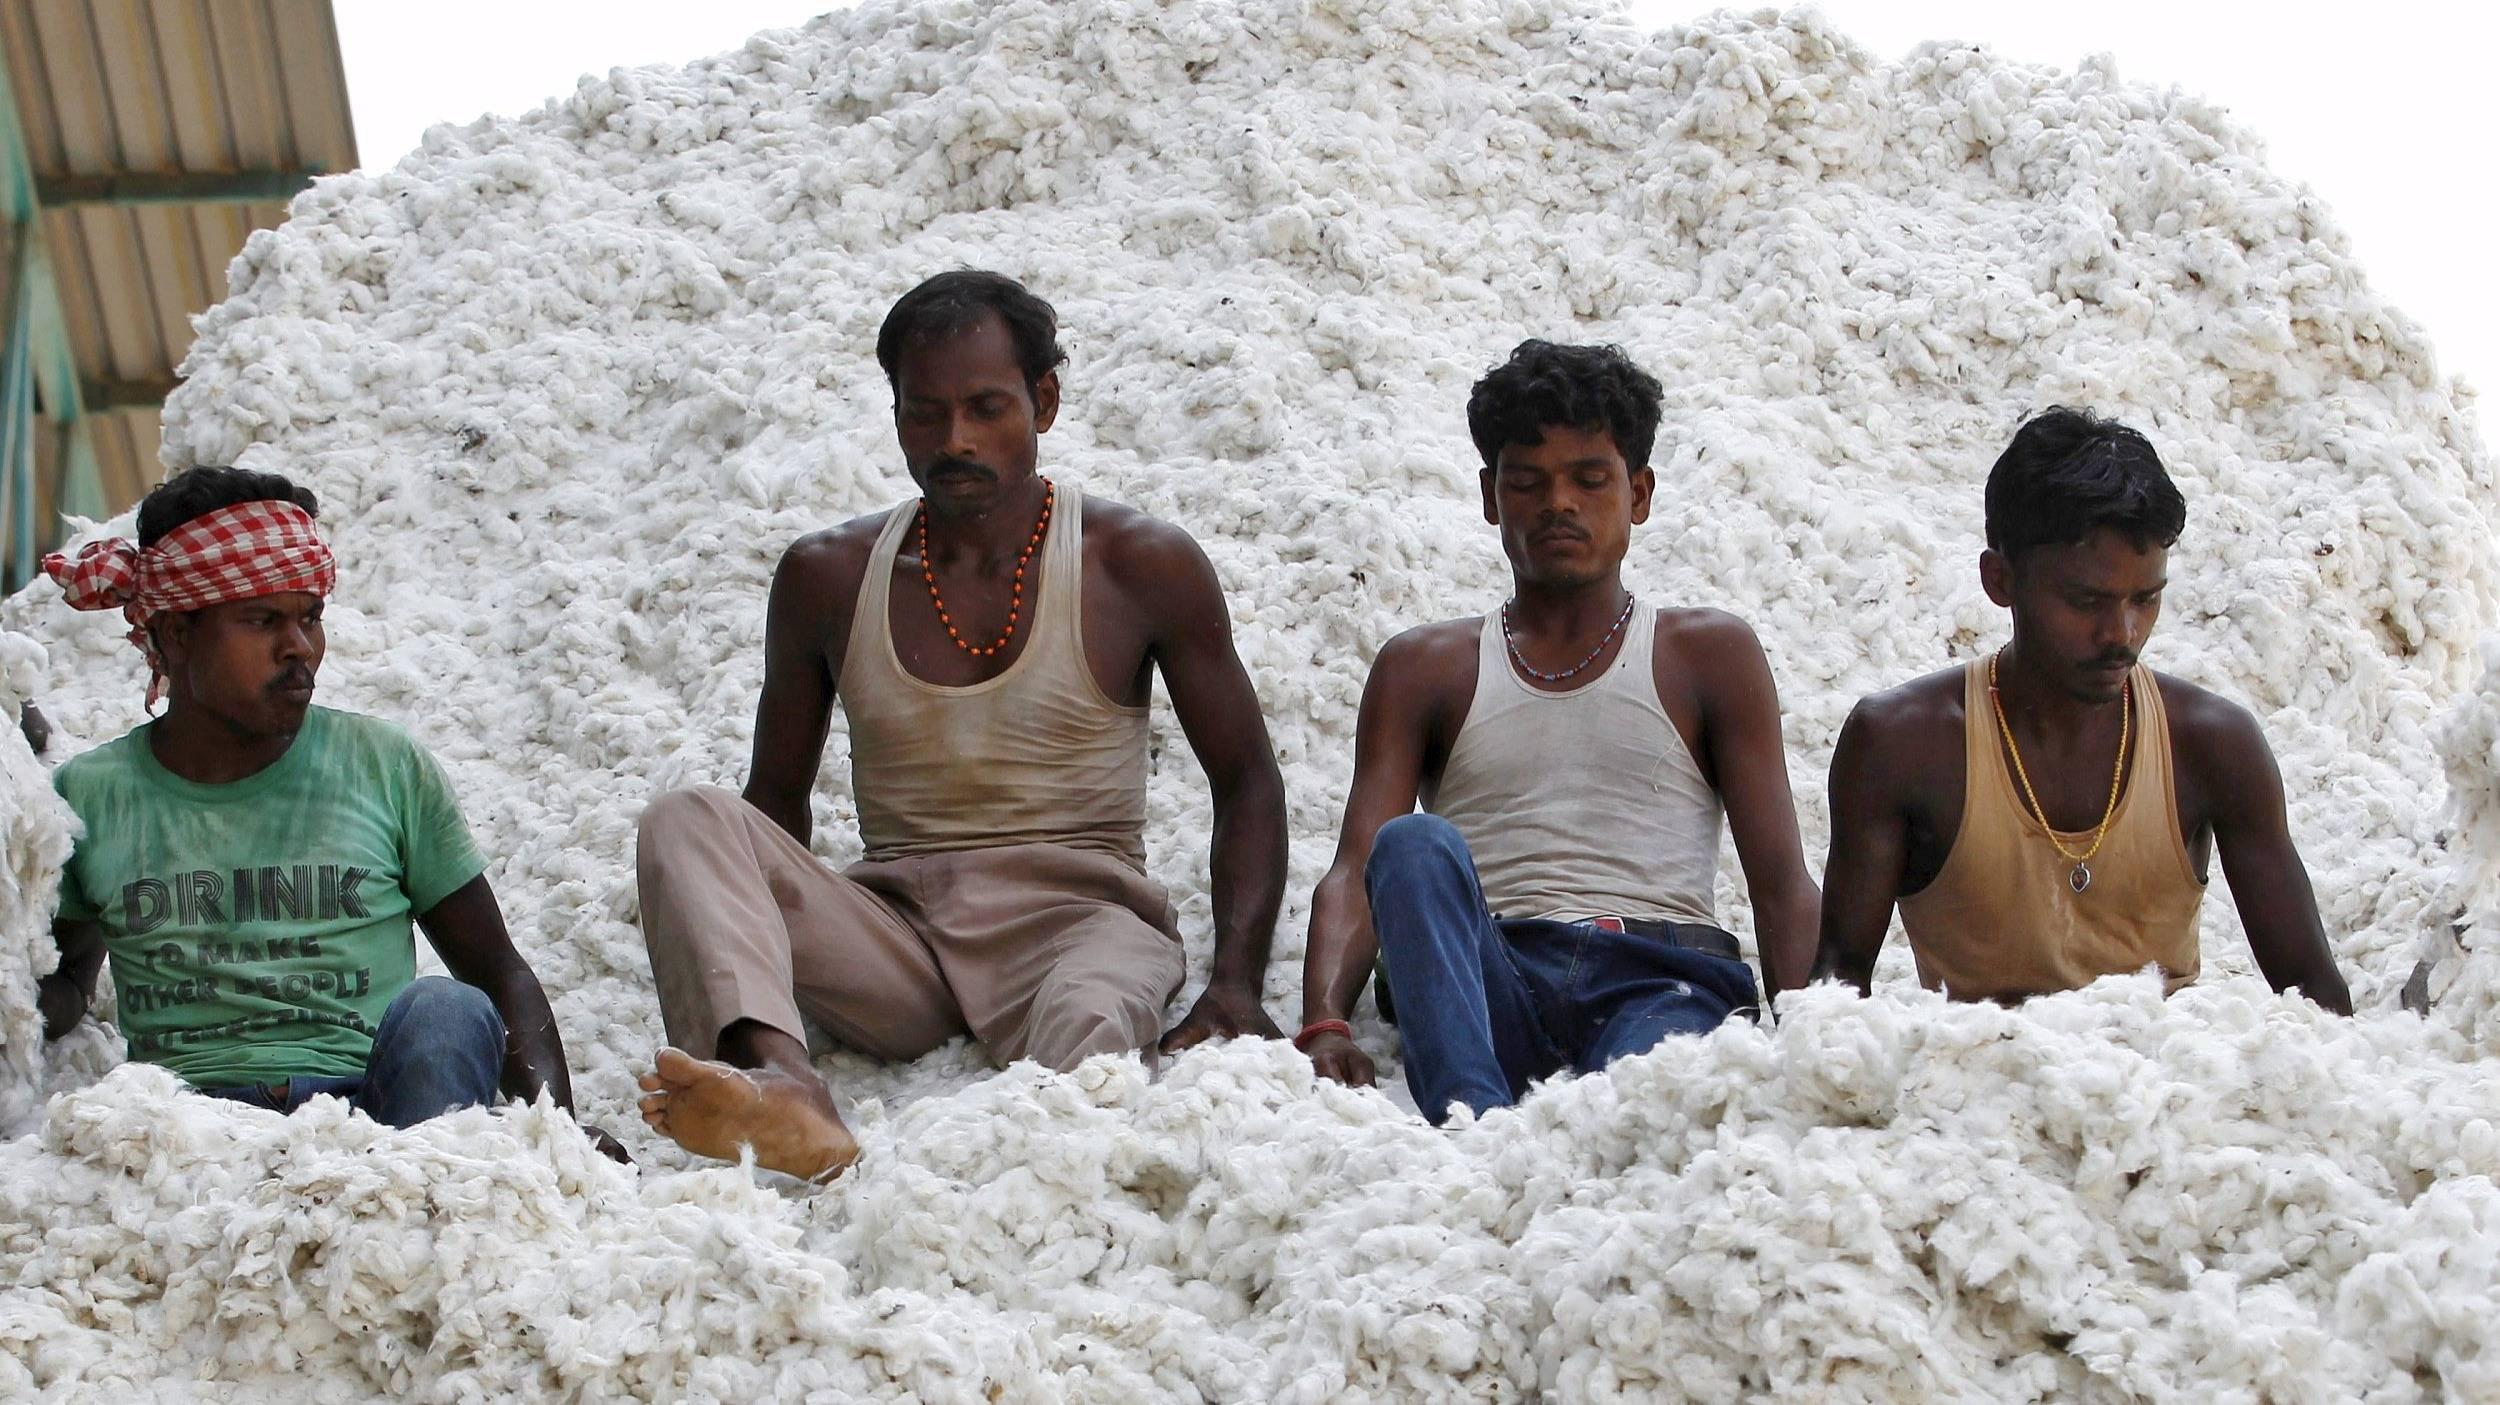 大量订单回流中国,印度纺织业情况有多糟?